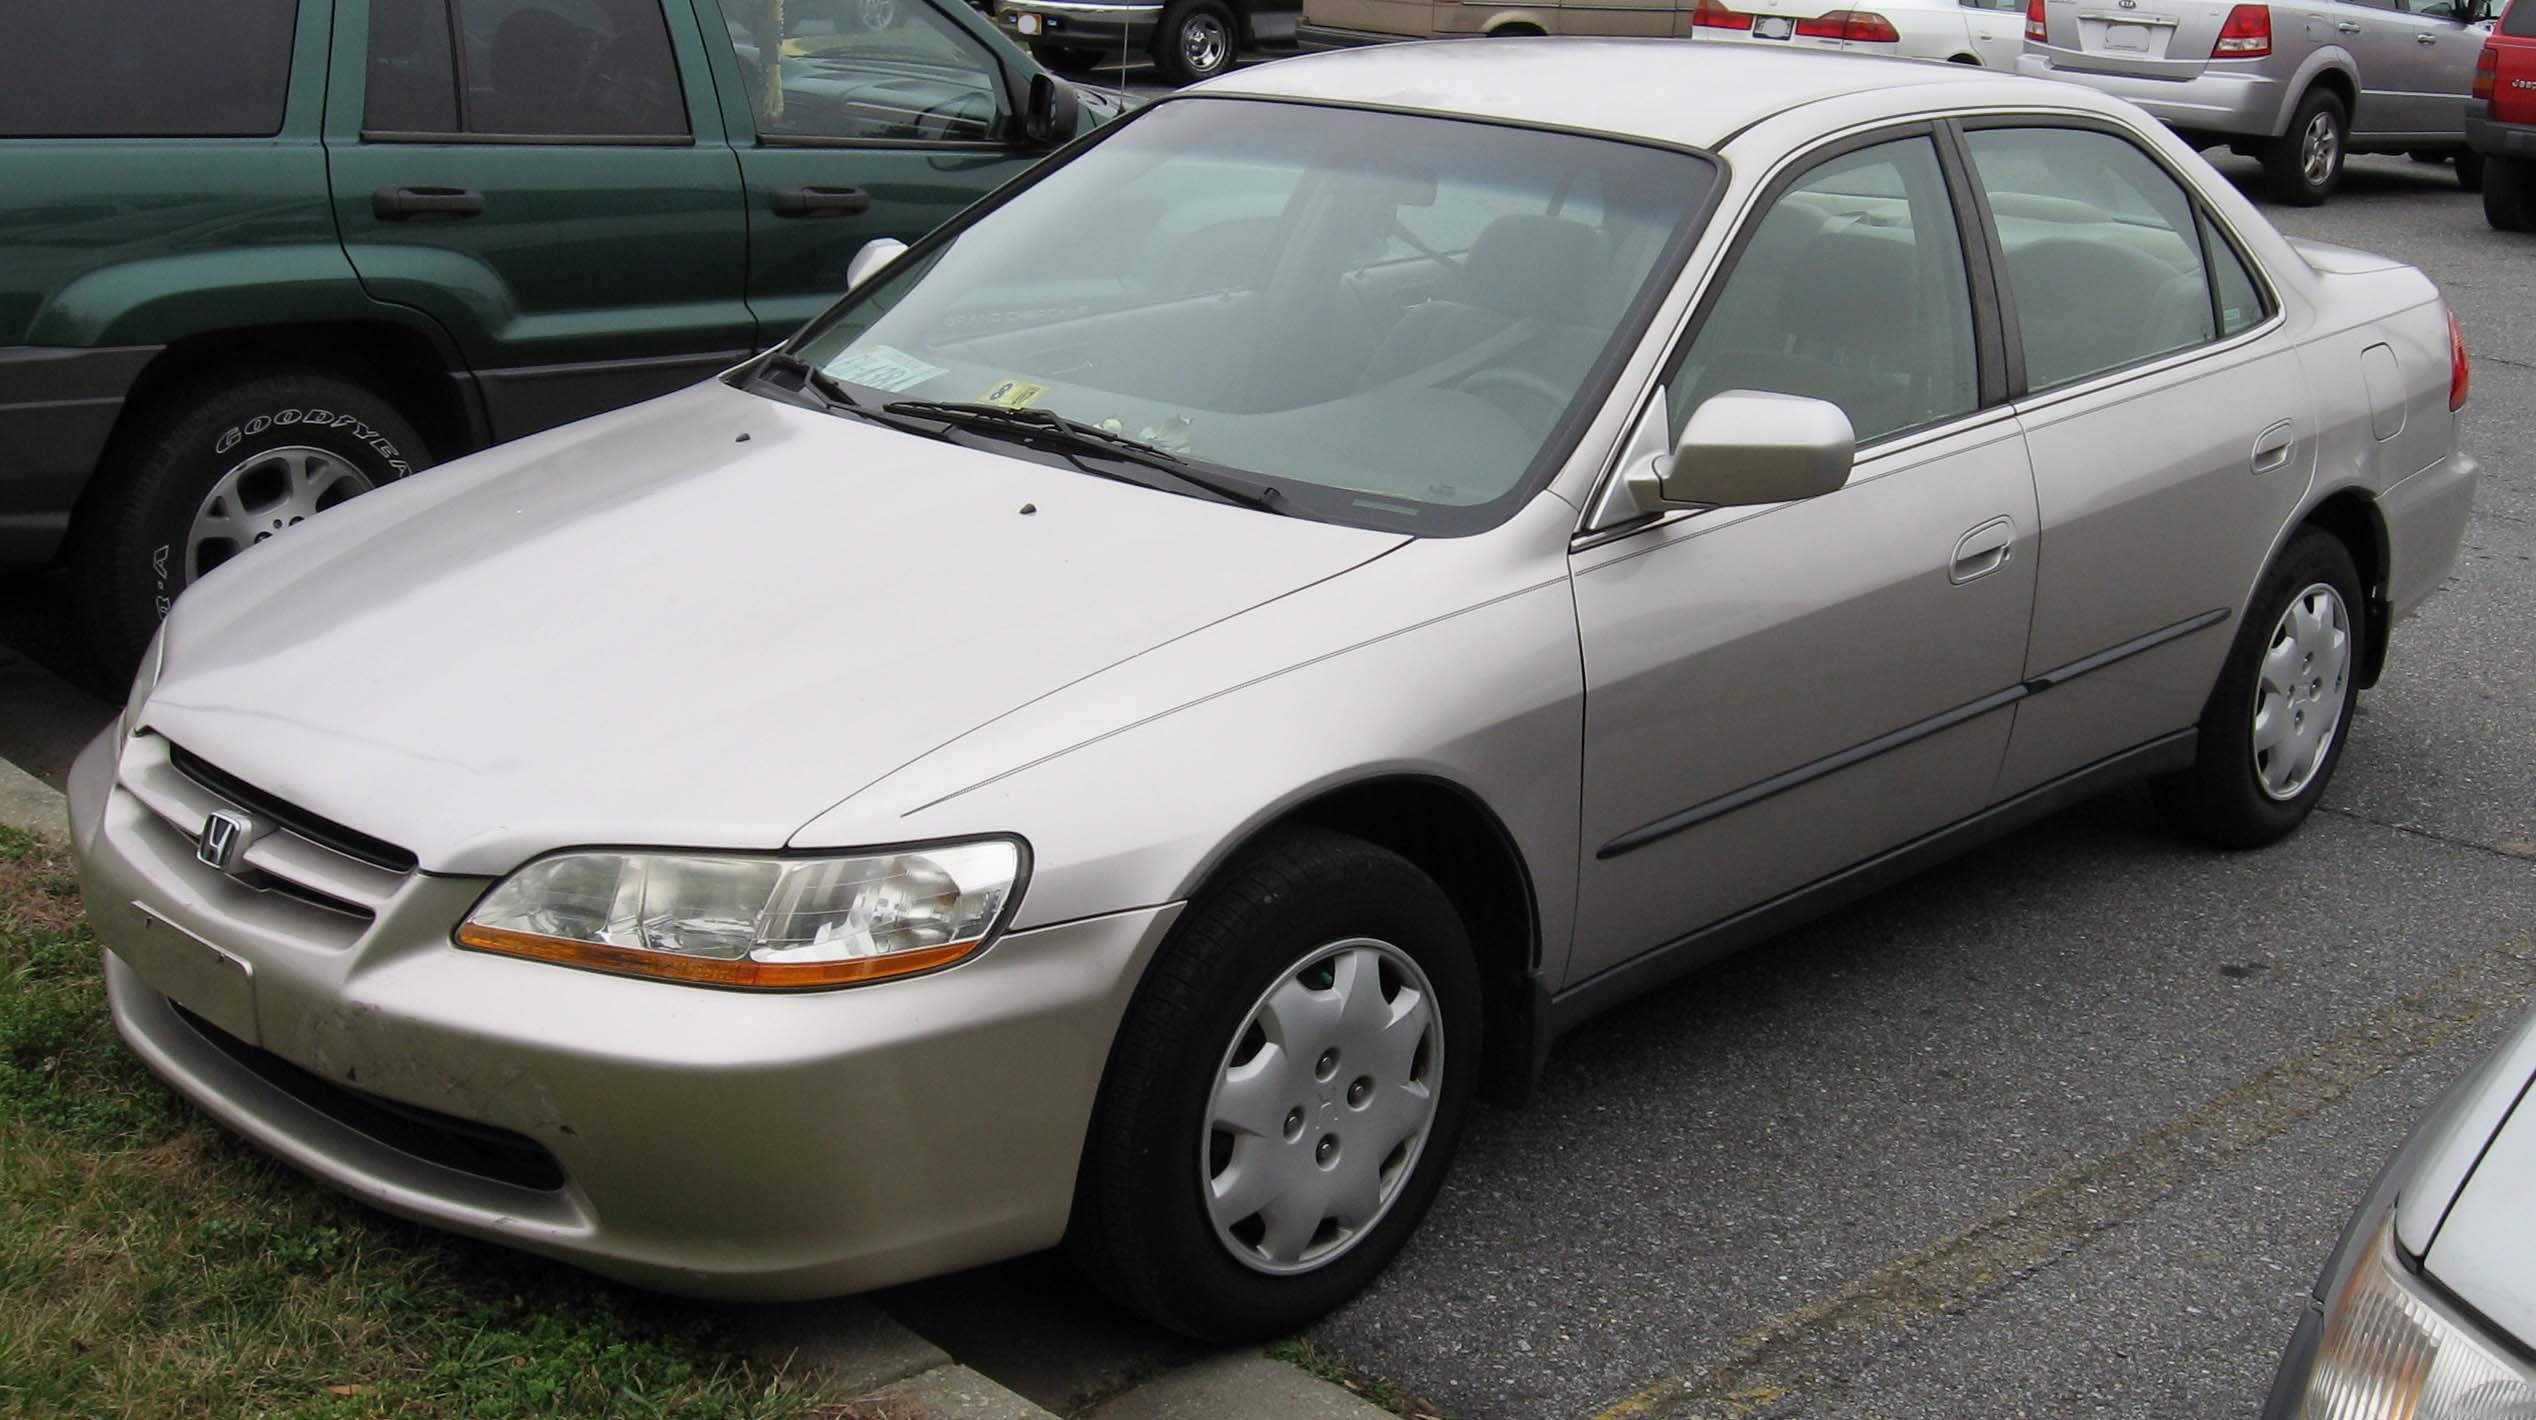 1998 Honda Accord Image 4